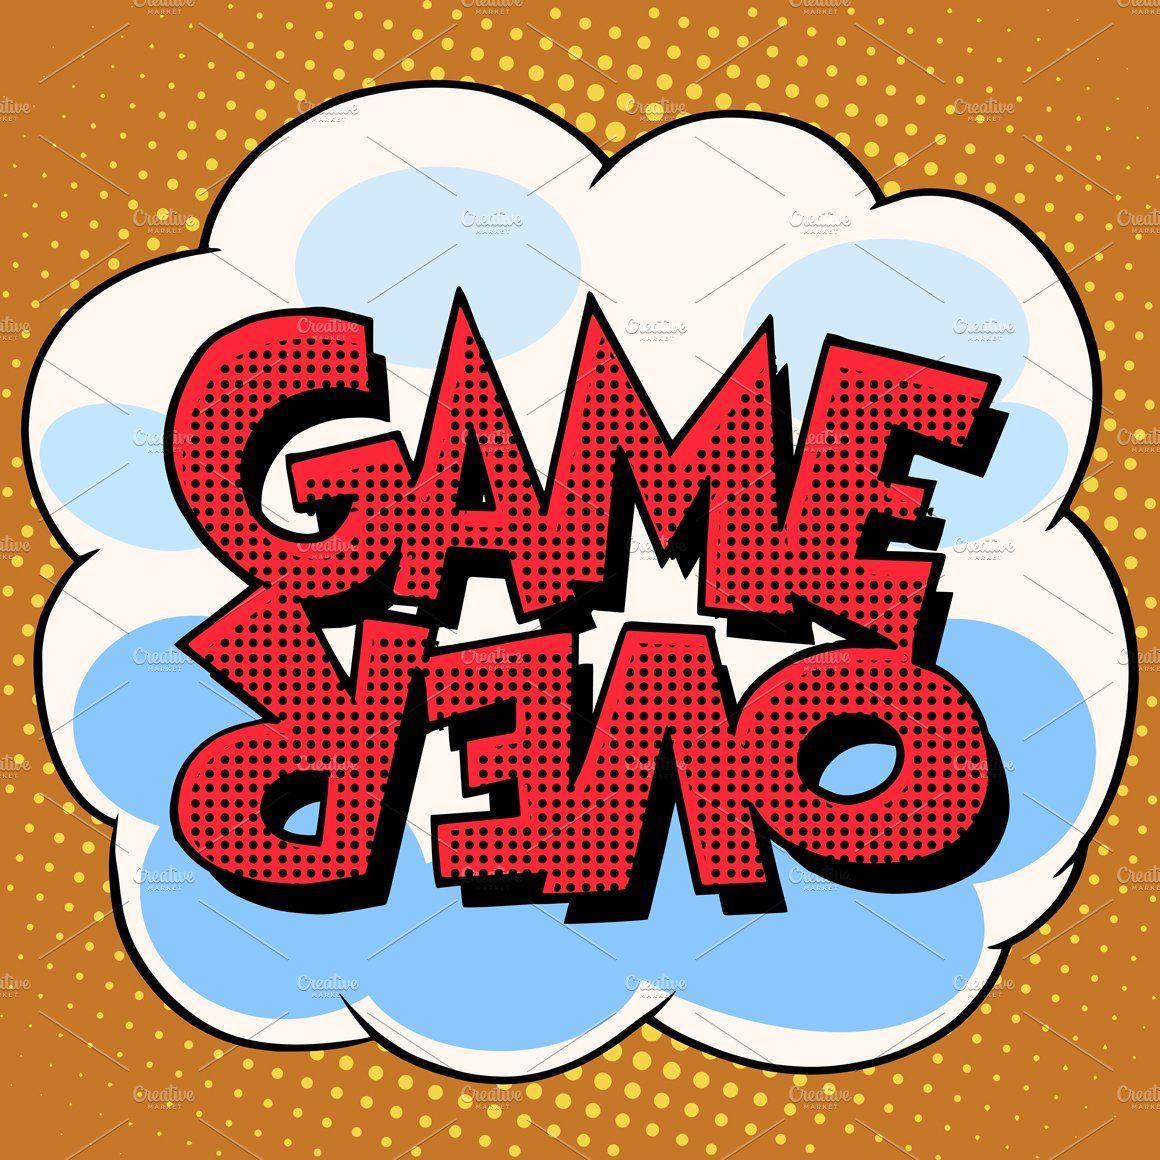 Game over comic bubble retro text in 2020 Retro text